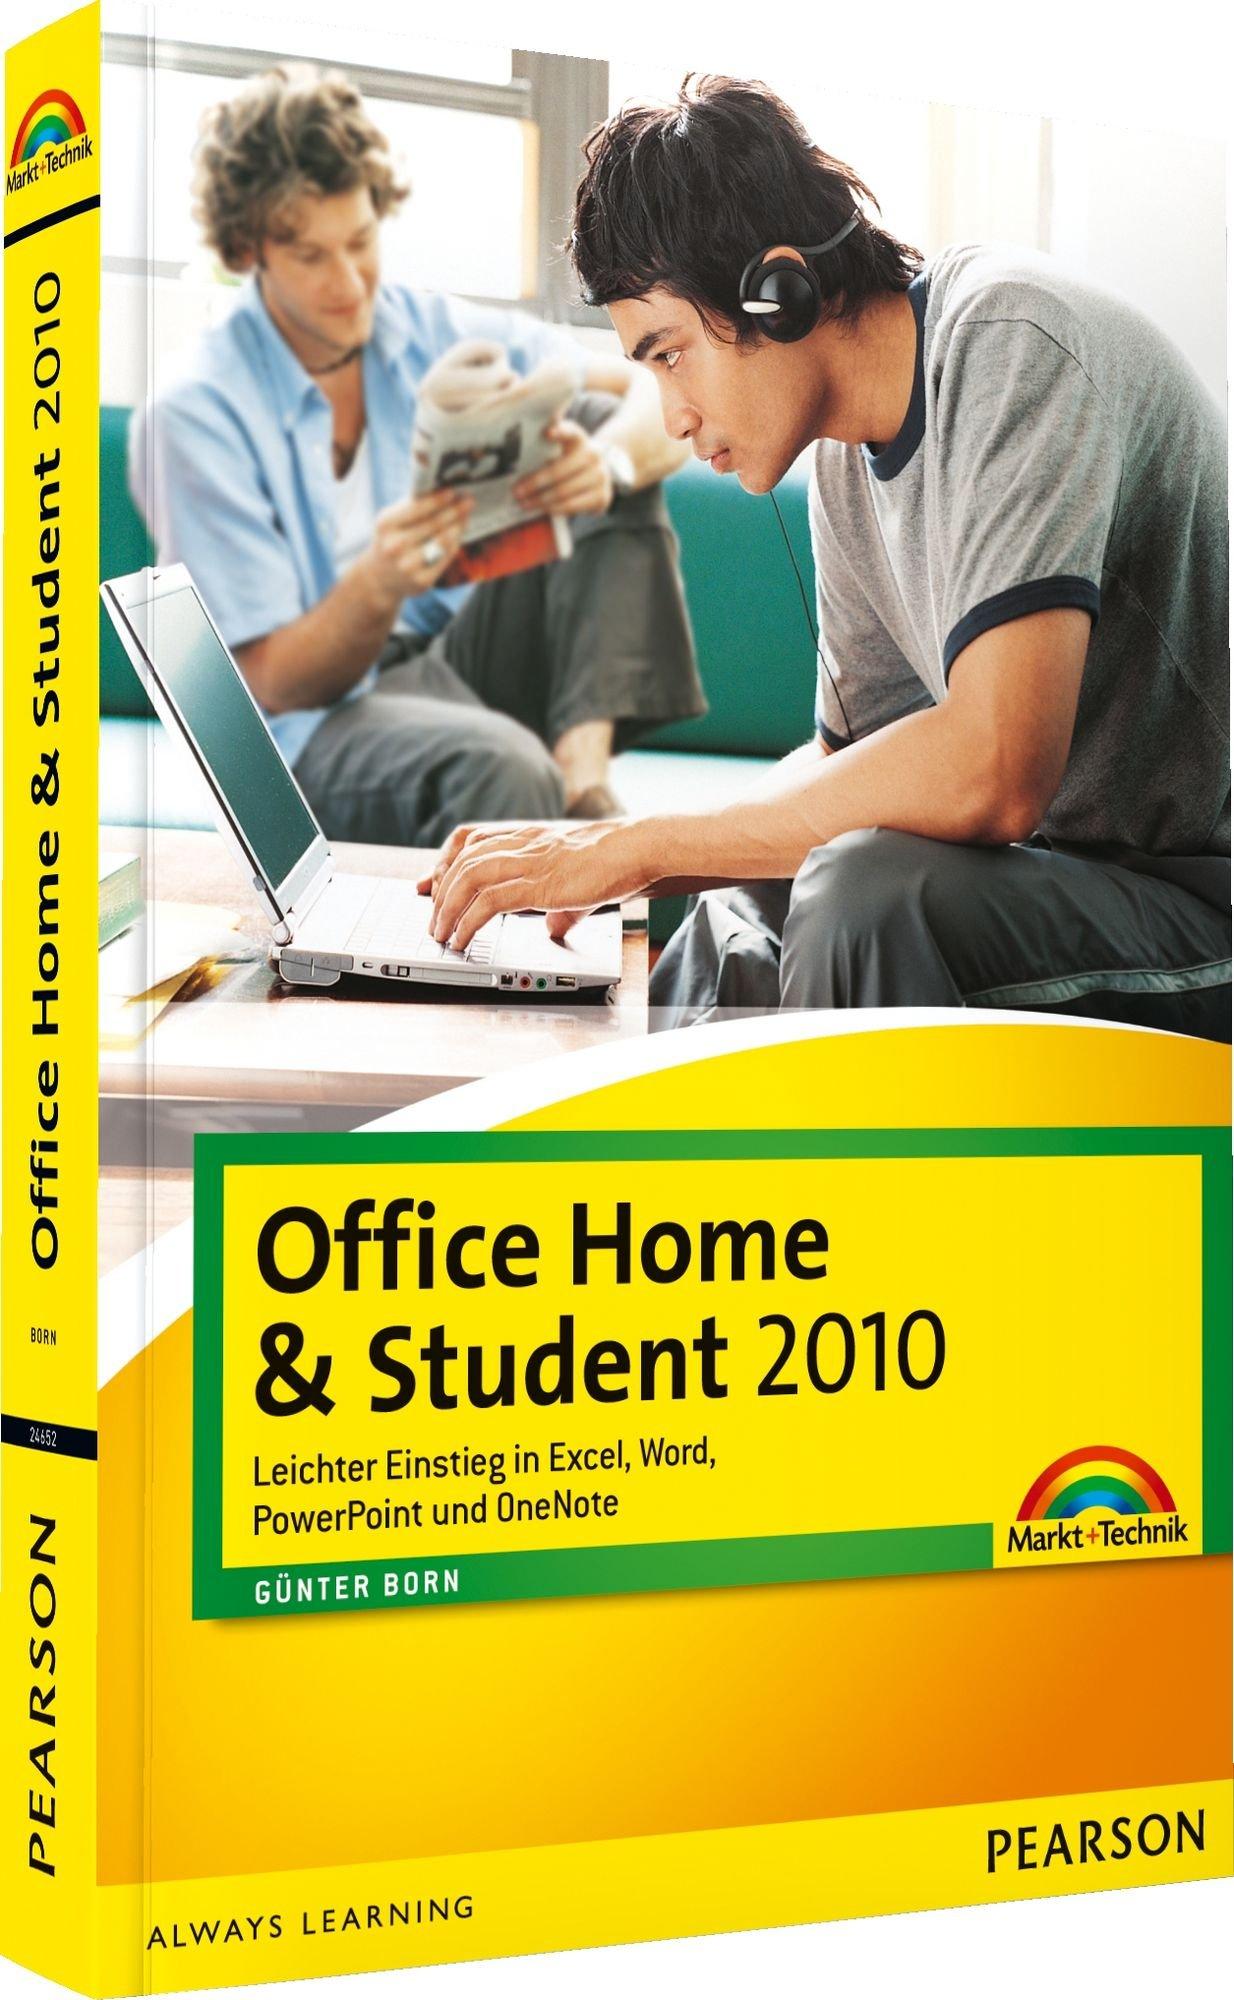 Office Home & Student 2010 - zweifarbig, Schritt-für -Schritt: leichter Einstieg in Excel, Word, PowerPoint und One Note (Office Einzeltitel) Taschenbuch – 1. Juni 2010 Günter Born Markt+Technik Verlag 3827246520 9783827246523